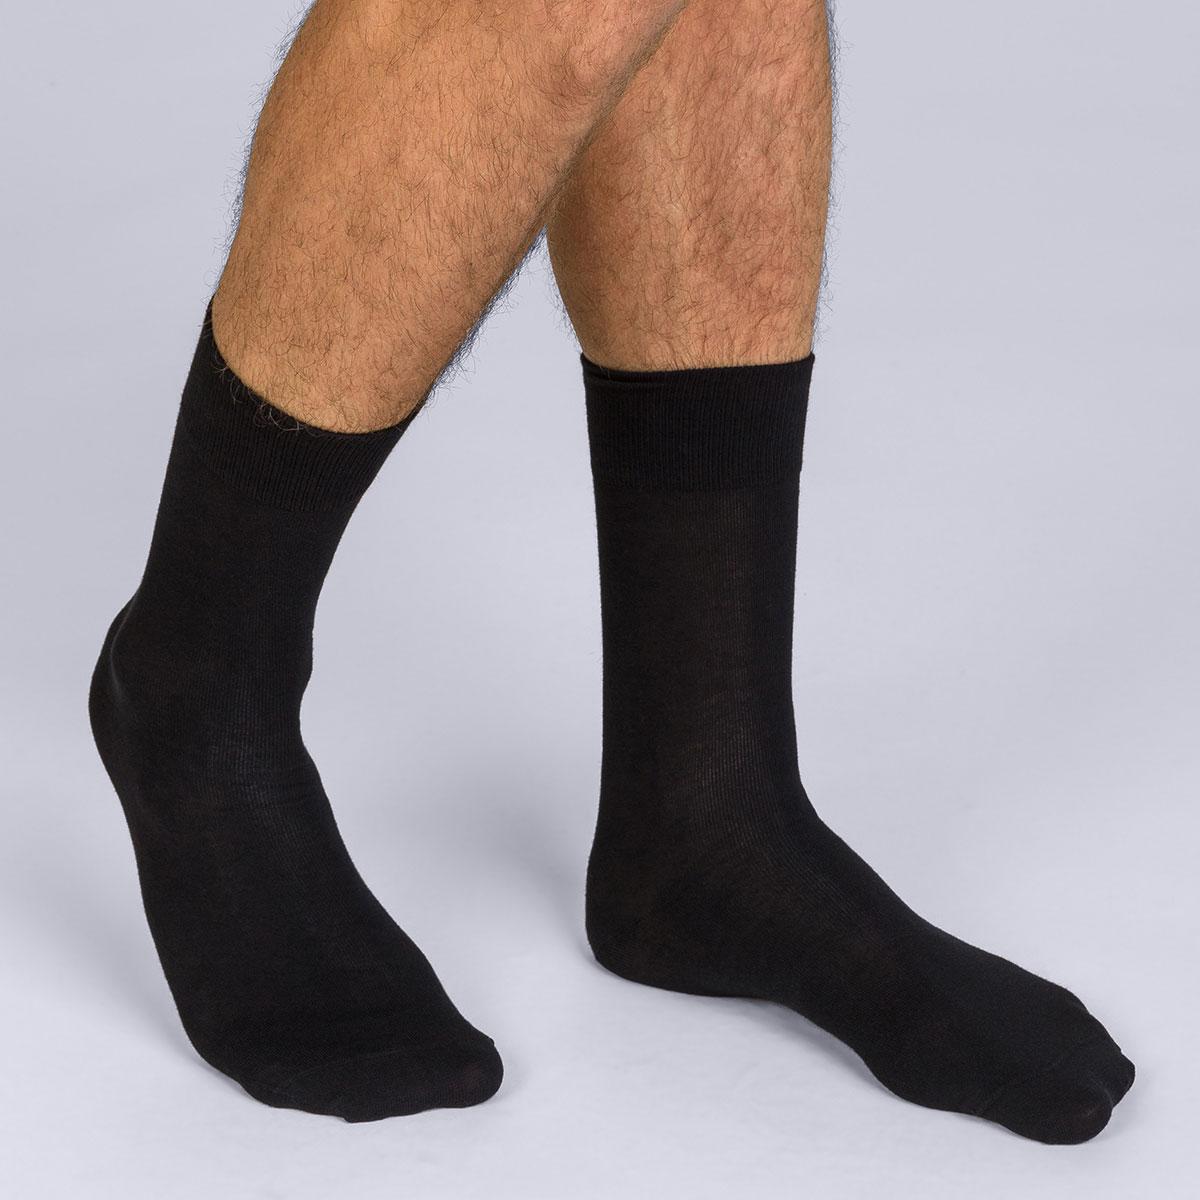 mi chaussettes classique x2 noir homme x temp. Black Bedroom Furniture Sets. Home Design Ideas